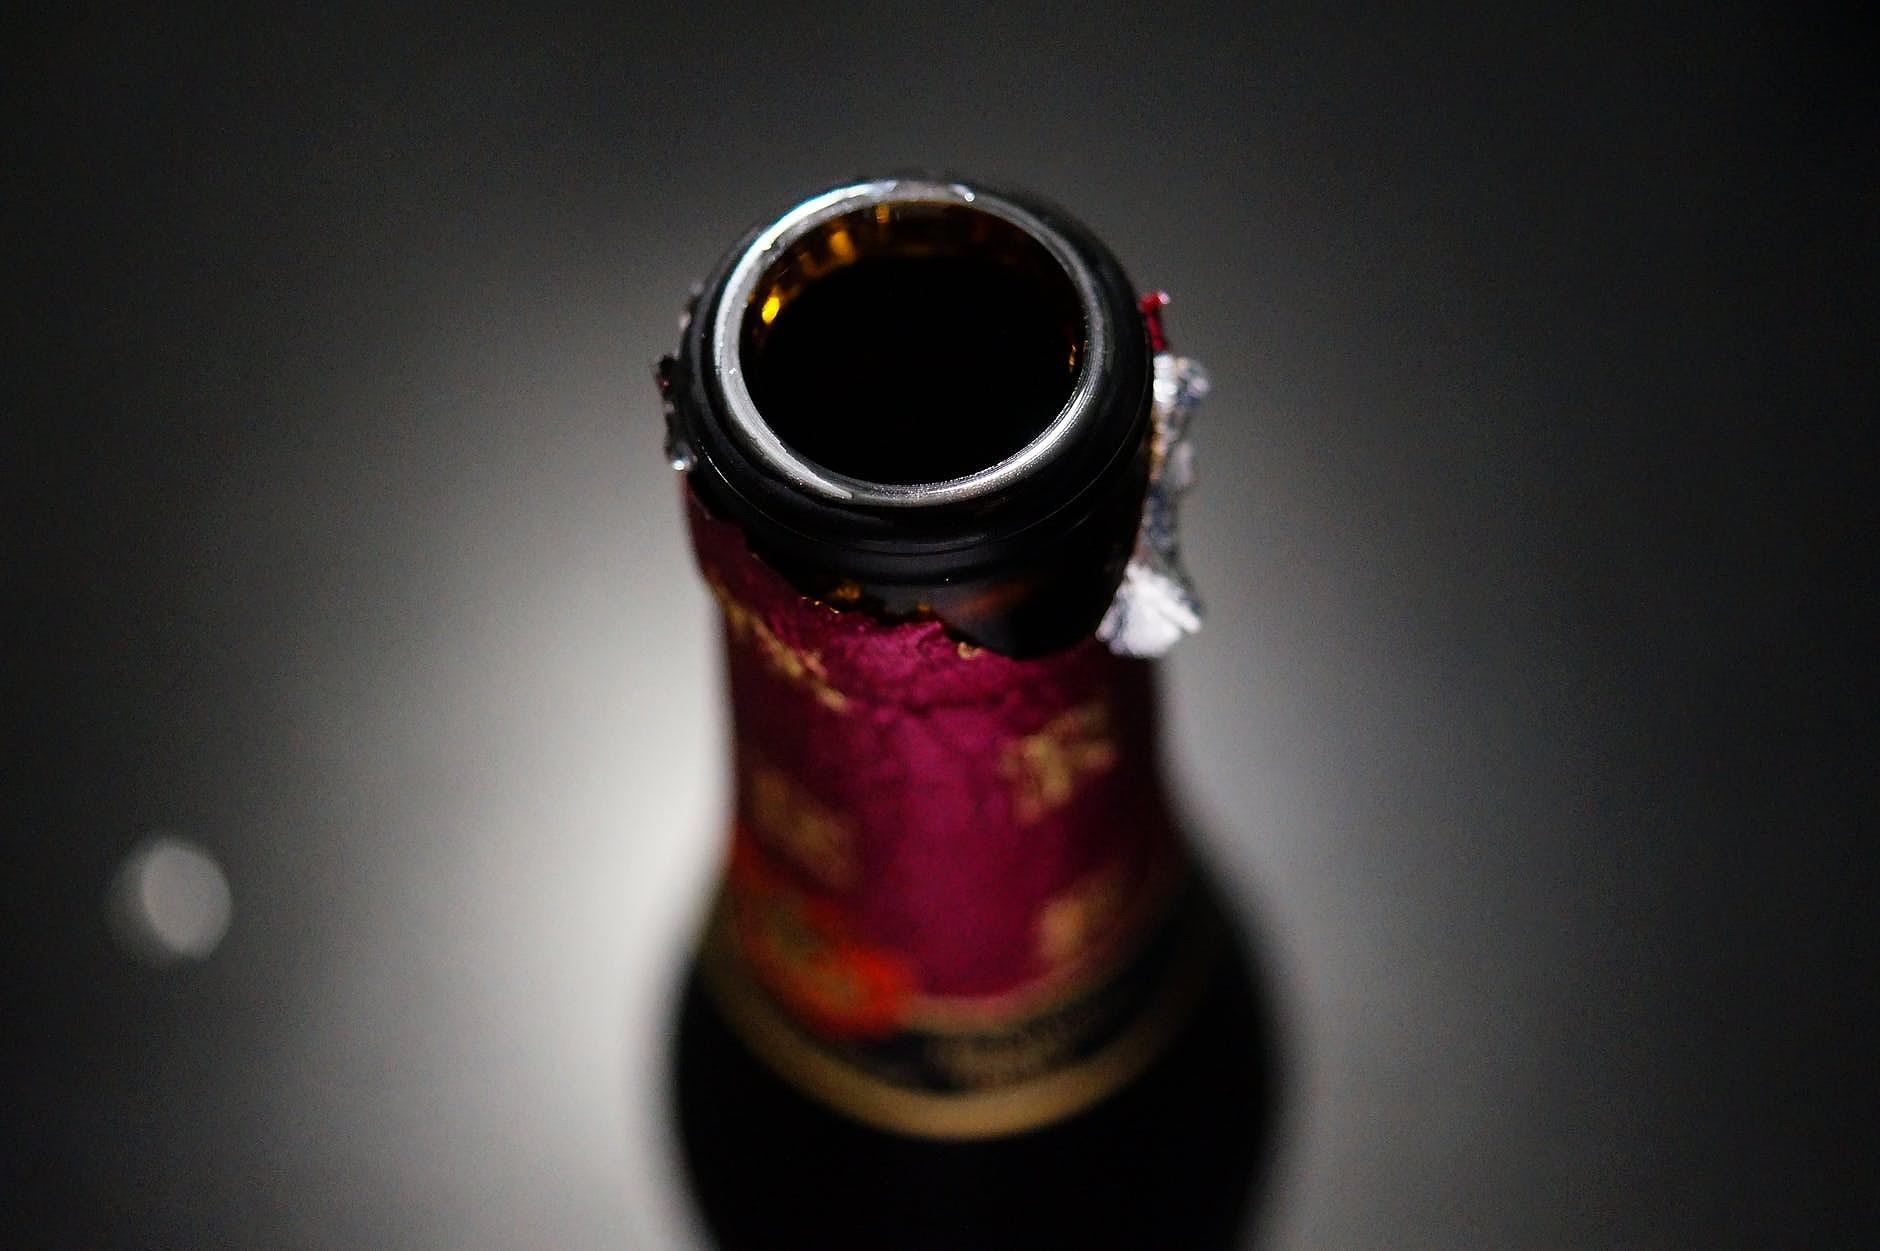 По Клайпедскому шоссе едет в состоянии опьянения с 3,02 промилле алкоголя в крови